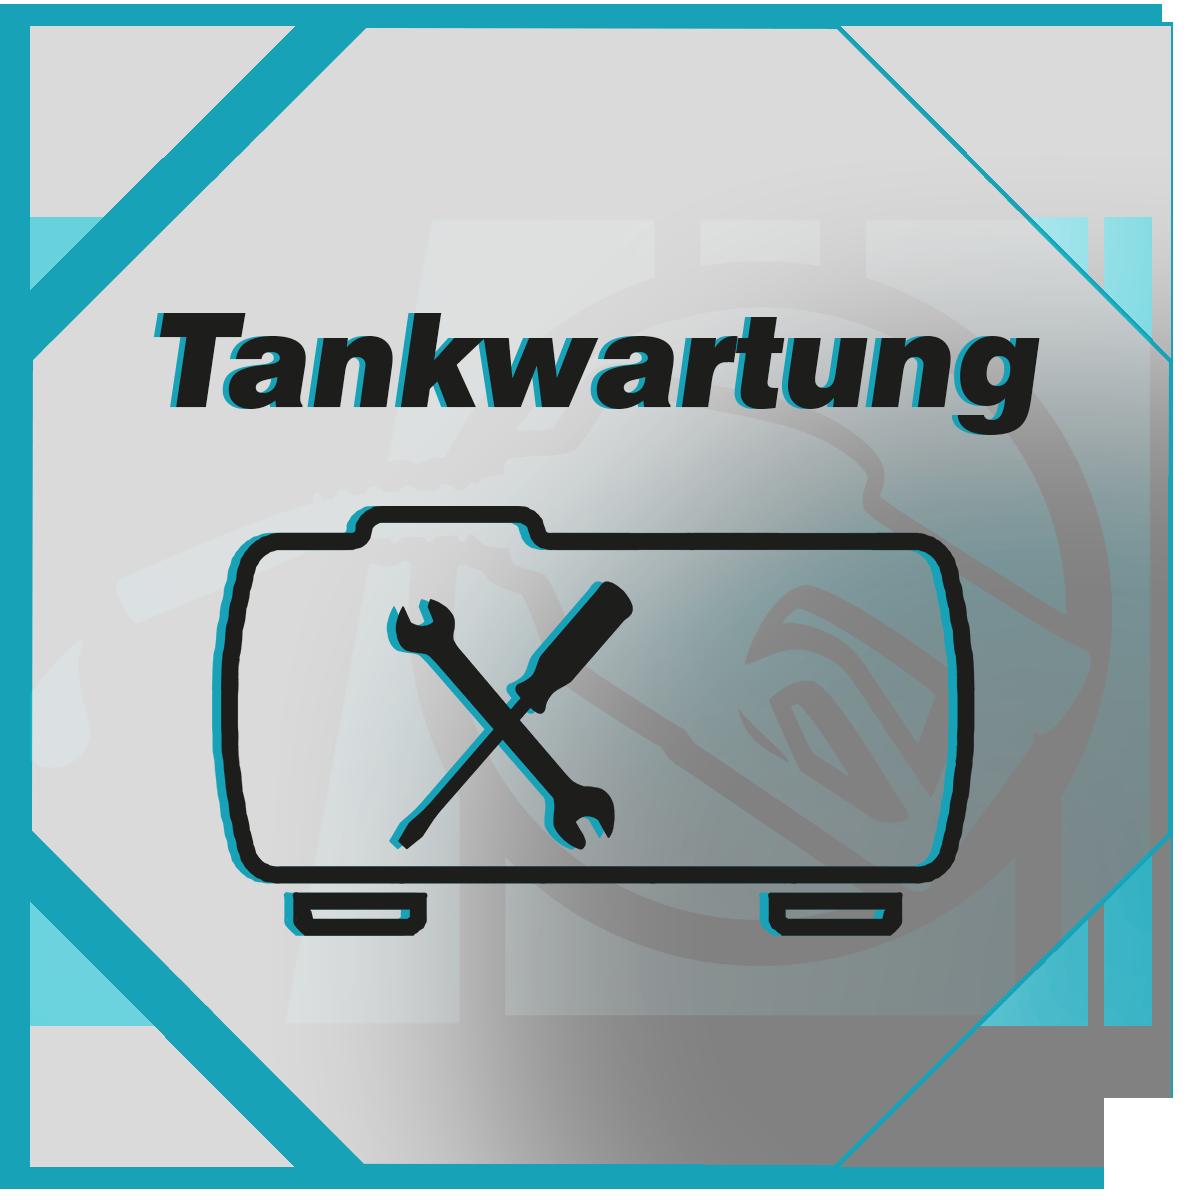 Tank-Wartung